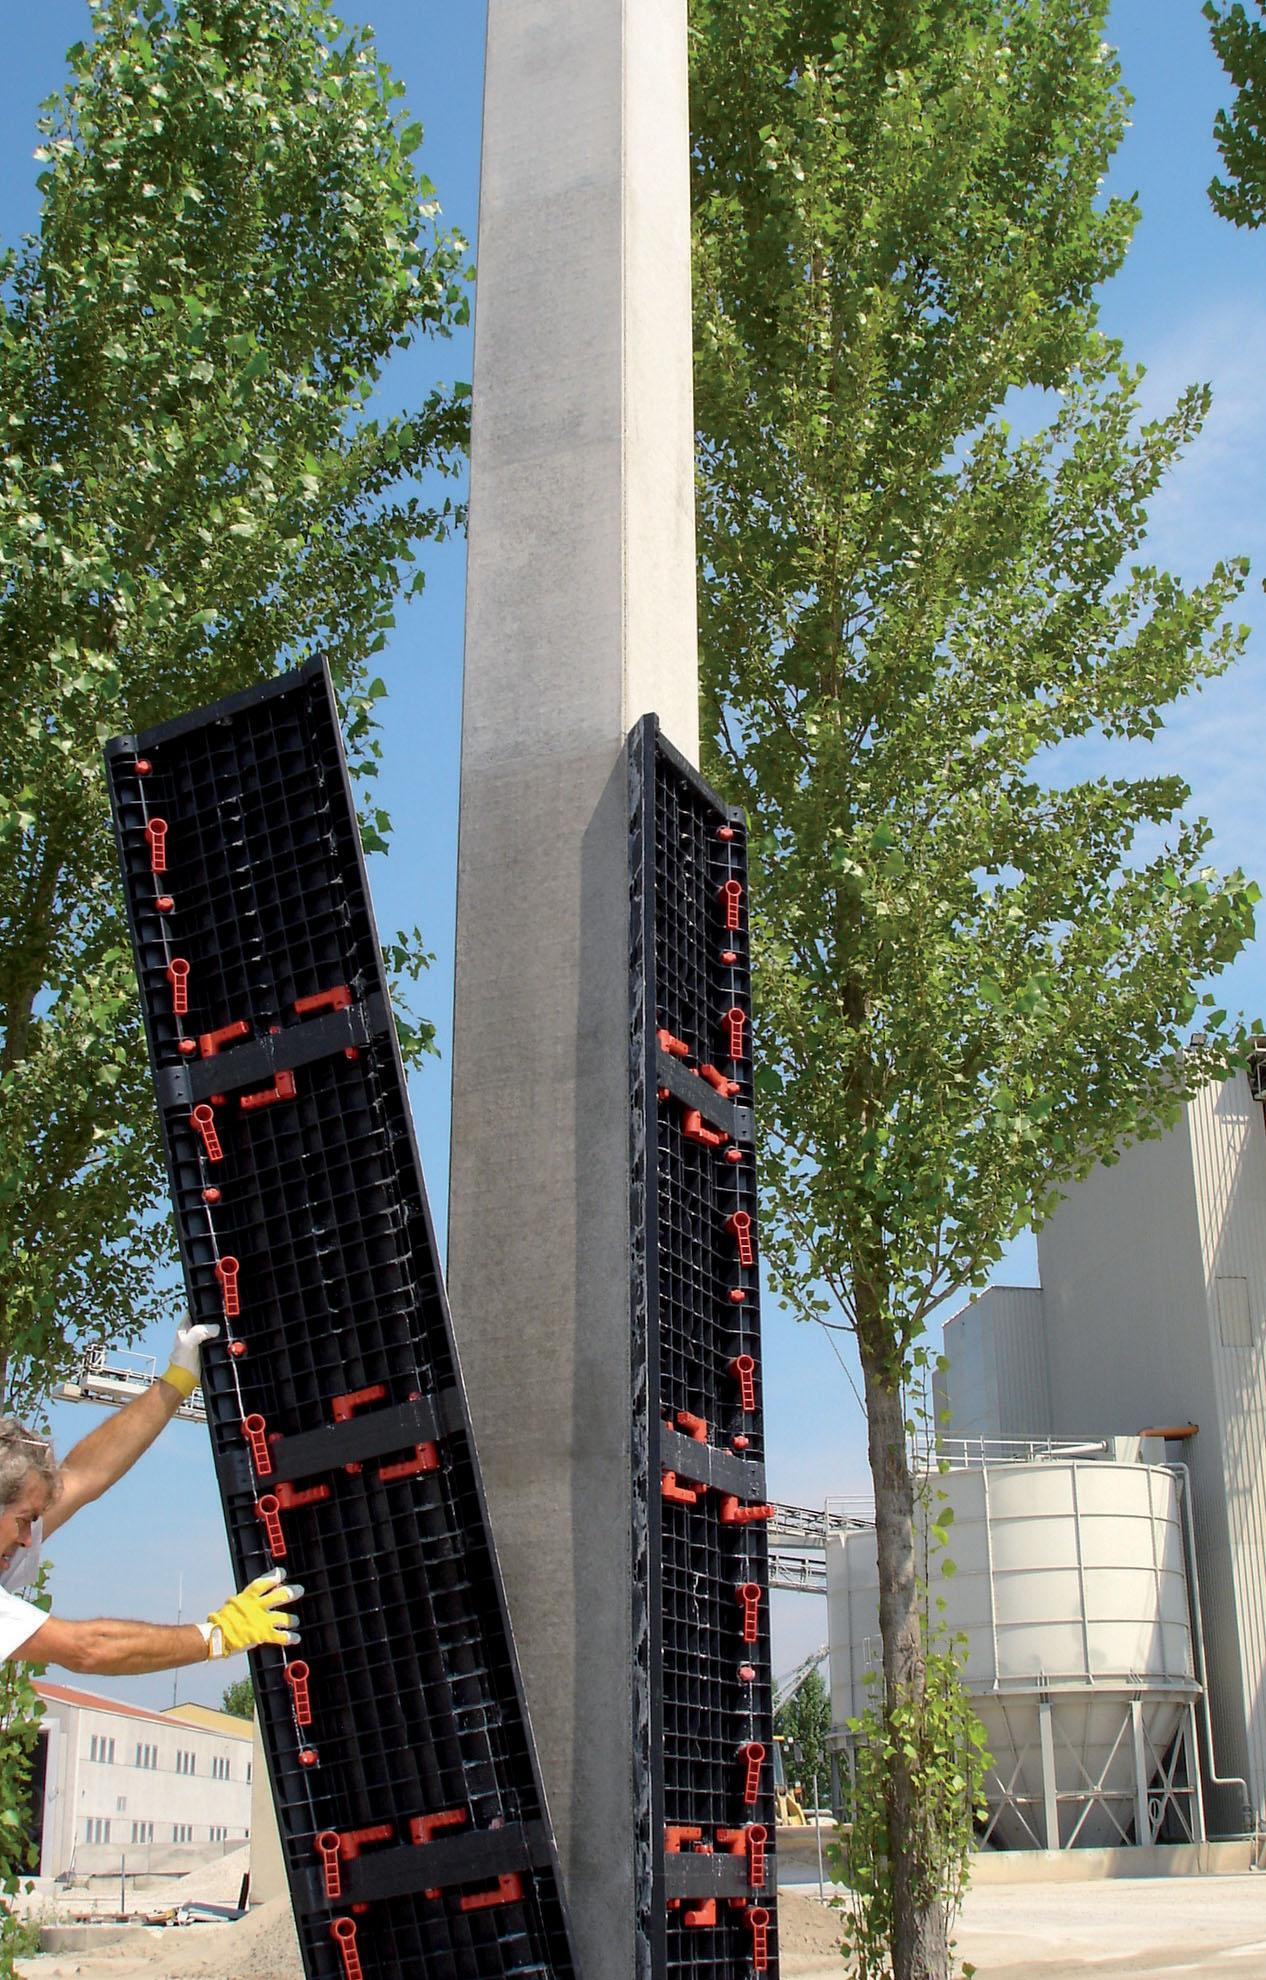 Cofraje modulare refolosibile pentru coloane patrate sau dreptunghiulare GEOPLAST - Poza 1